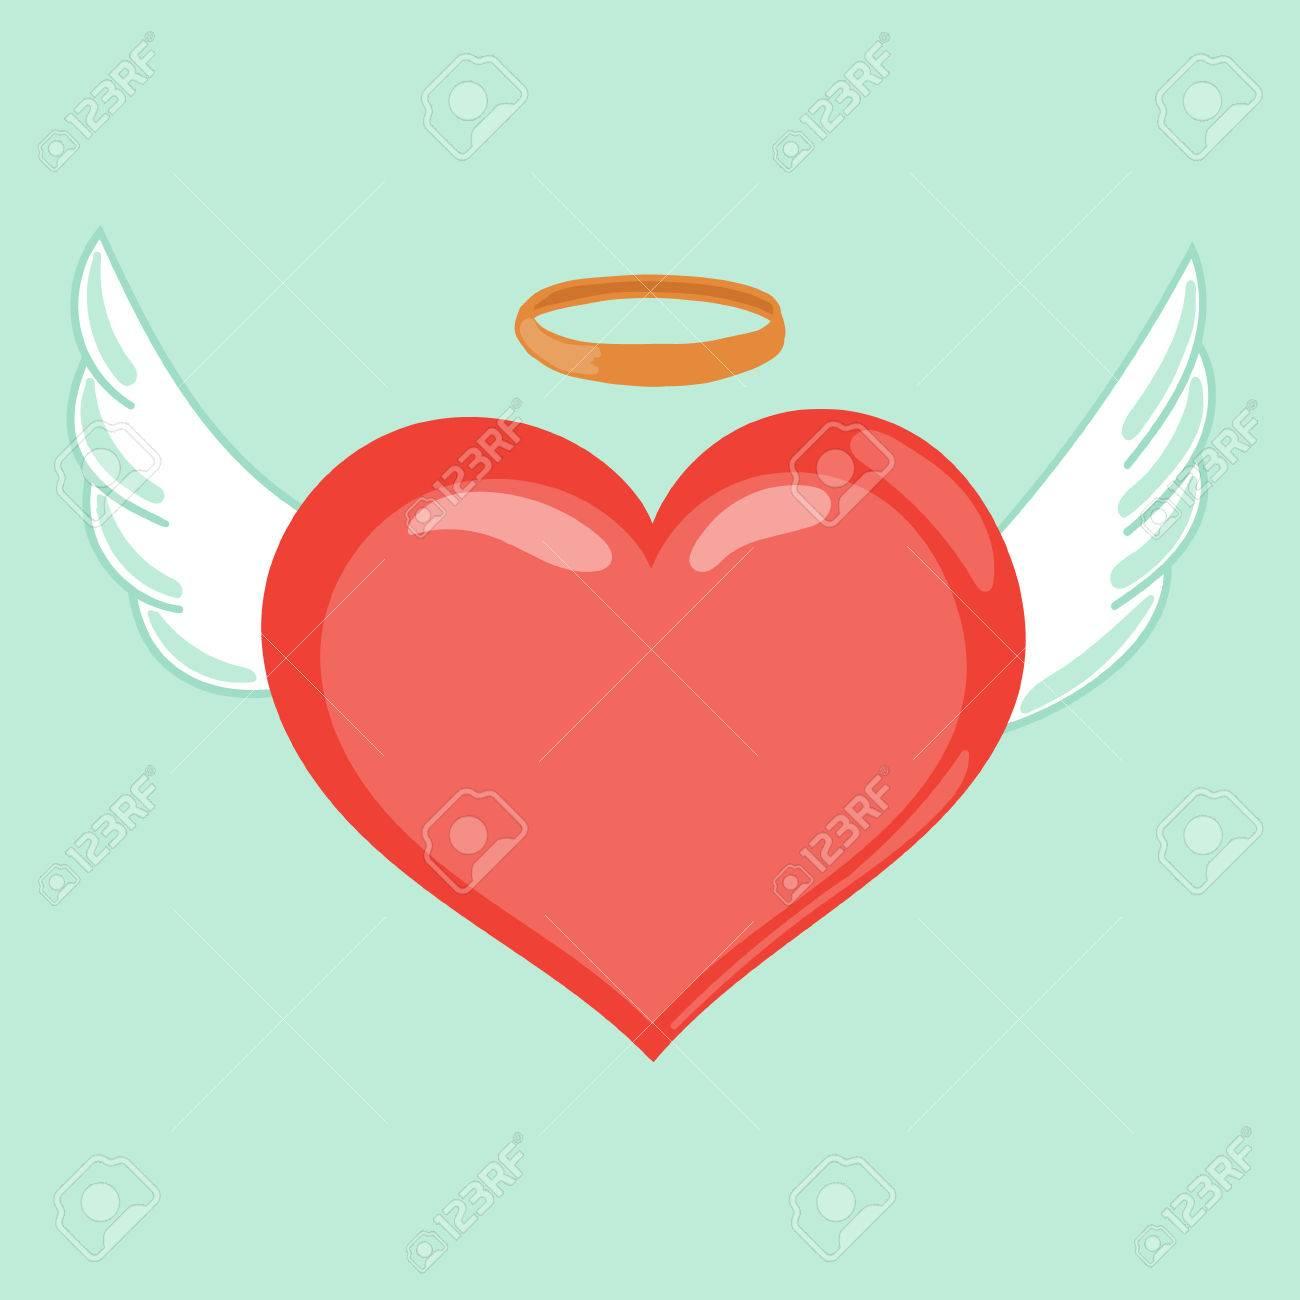 Corazón Con Alas Y Aureola Ilustración Linda Del Estilo De Dibujos